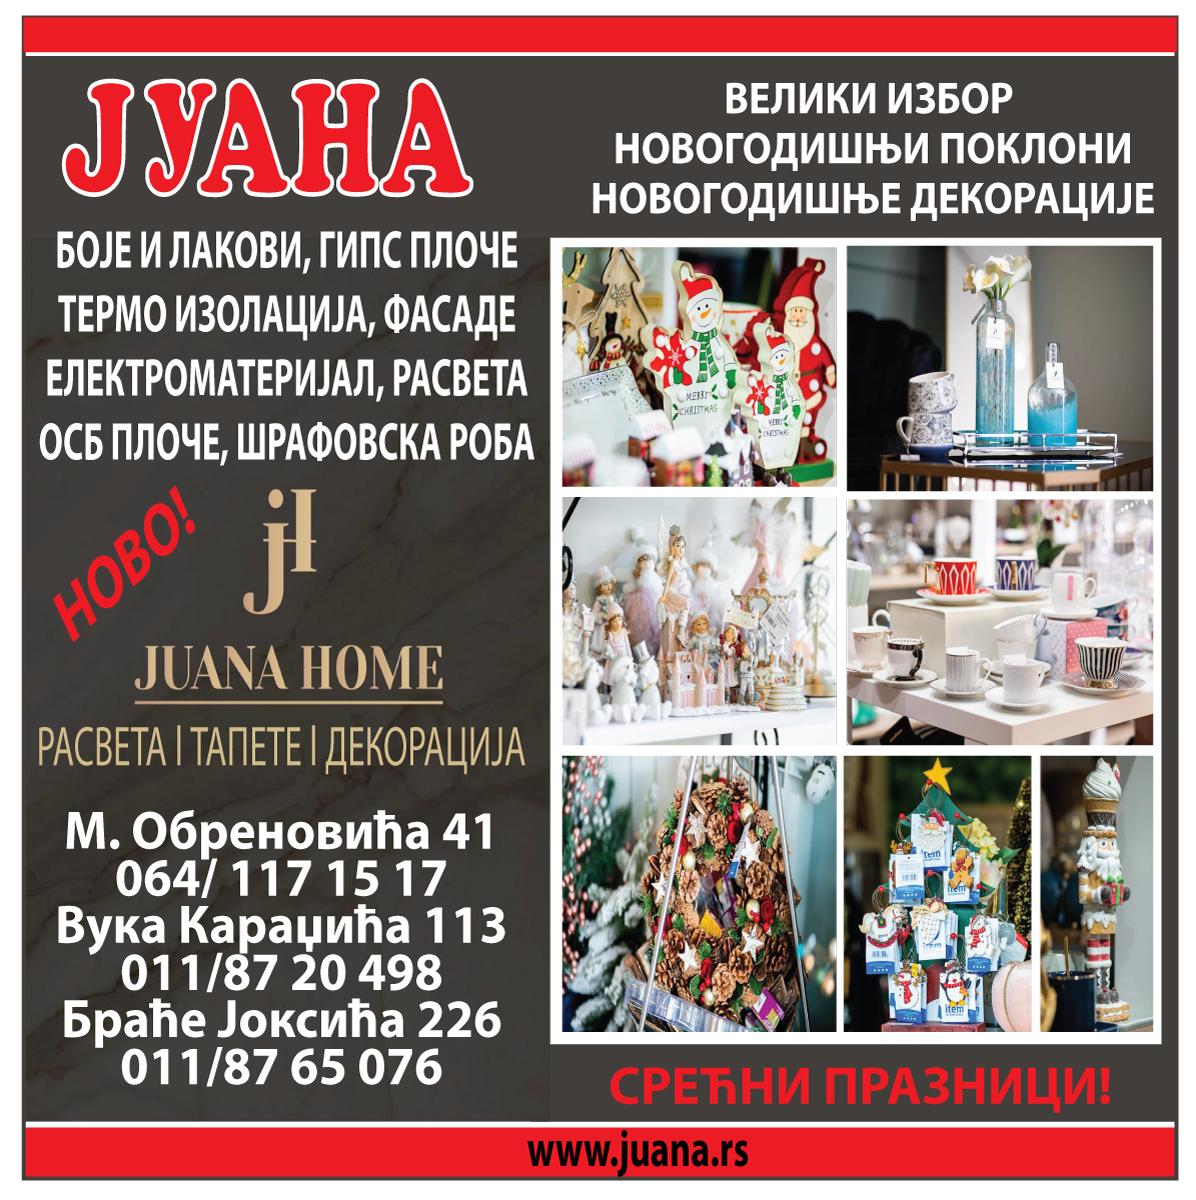 farbara-juanahome-obrenovac-NOVOGODISNJE-DEKORACIJE-UKRASI-rasveta-elektrooprema-fasade-boje-lakovi-autoboje-izolacija-gradjevina-materijal-mojabaza